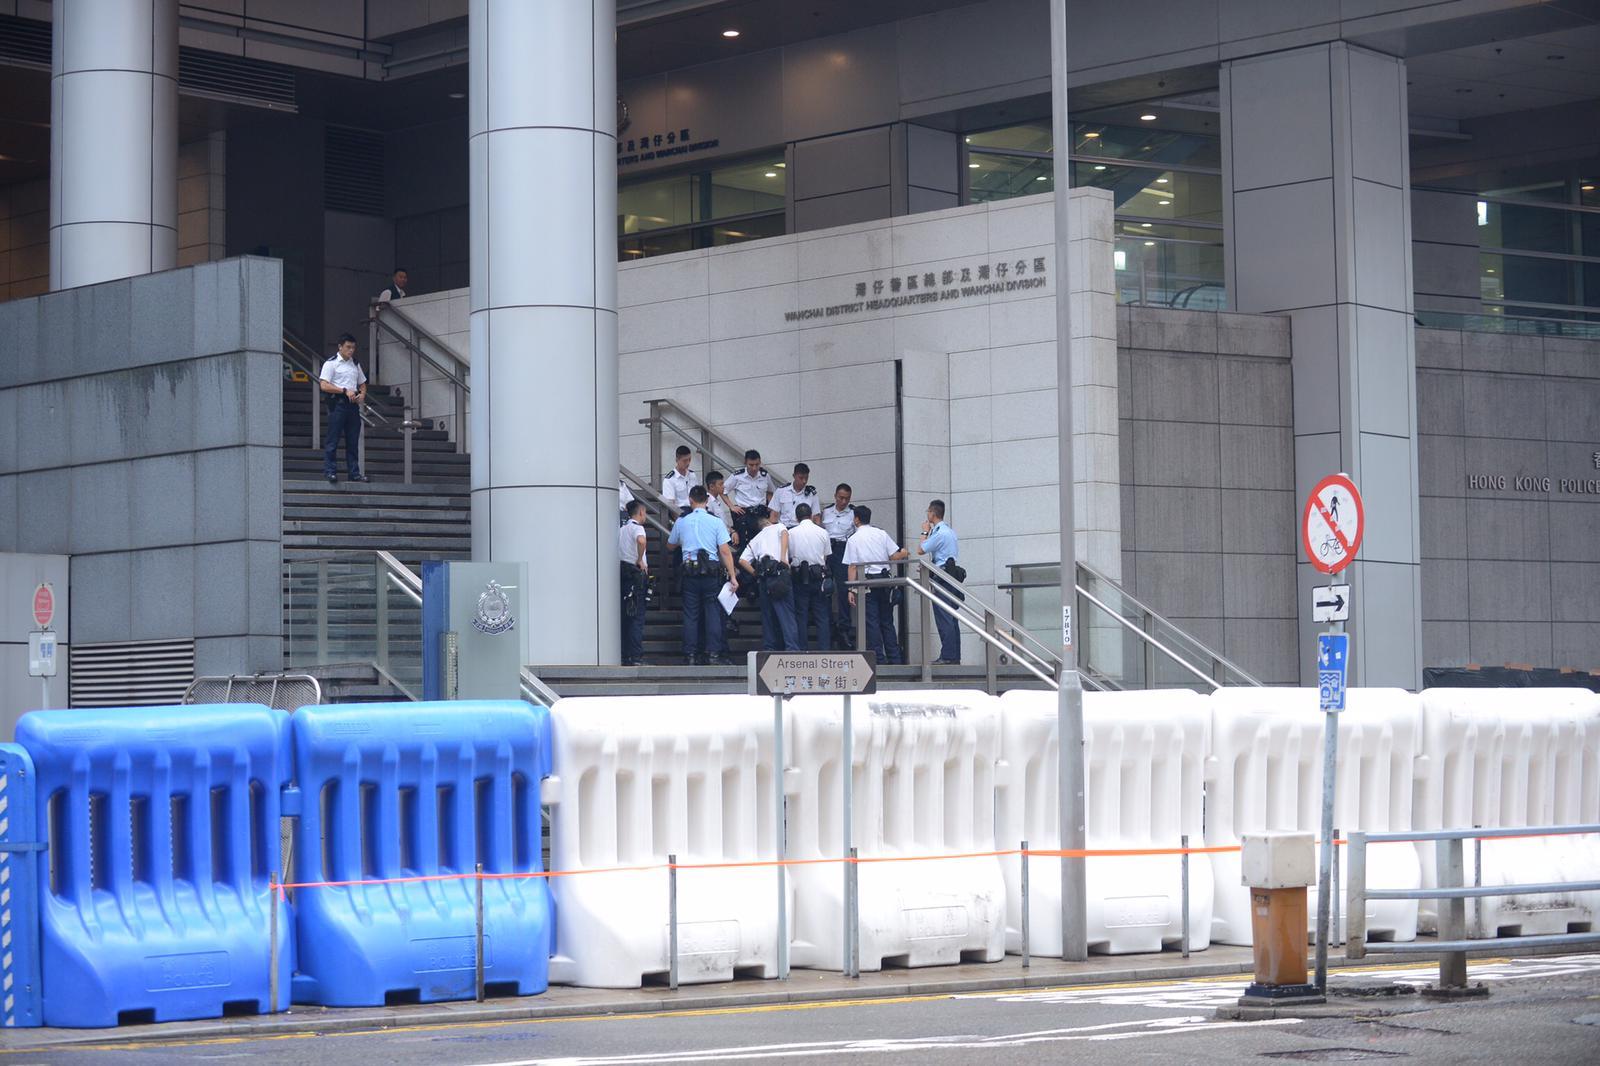 政府總部外及警察總部外已經擺設大型水馬防範衝擊。